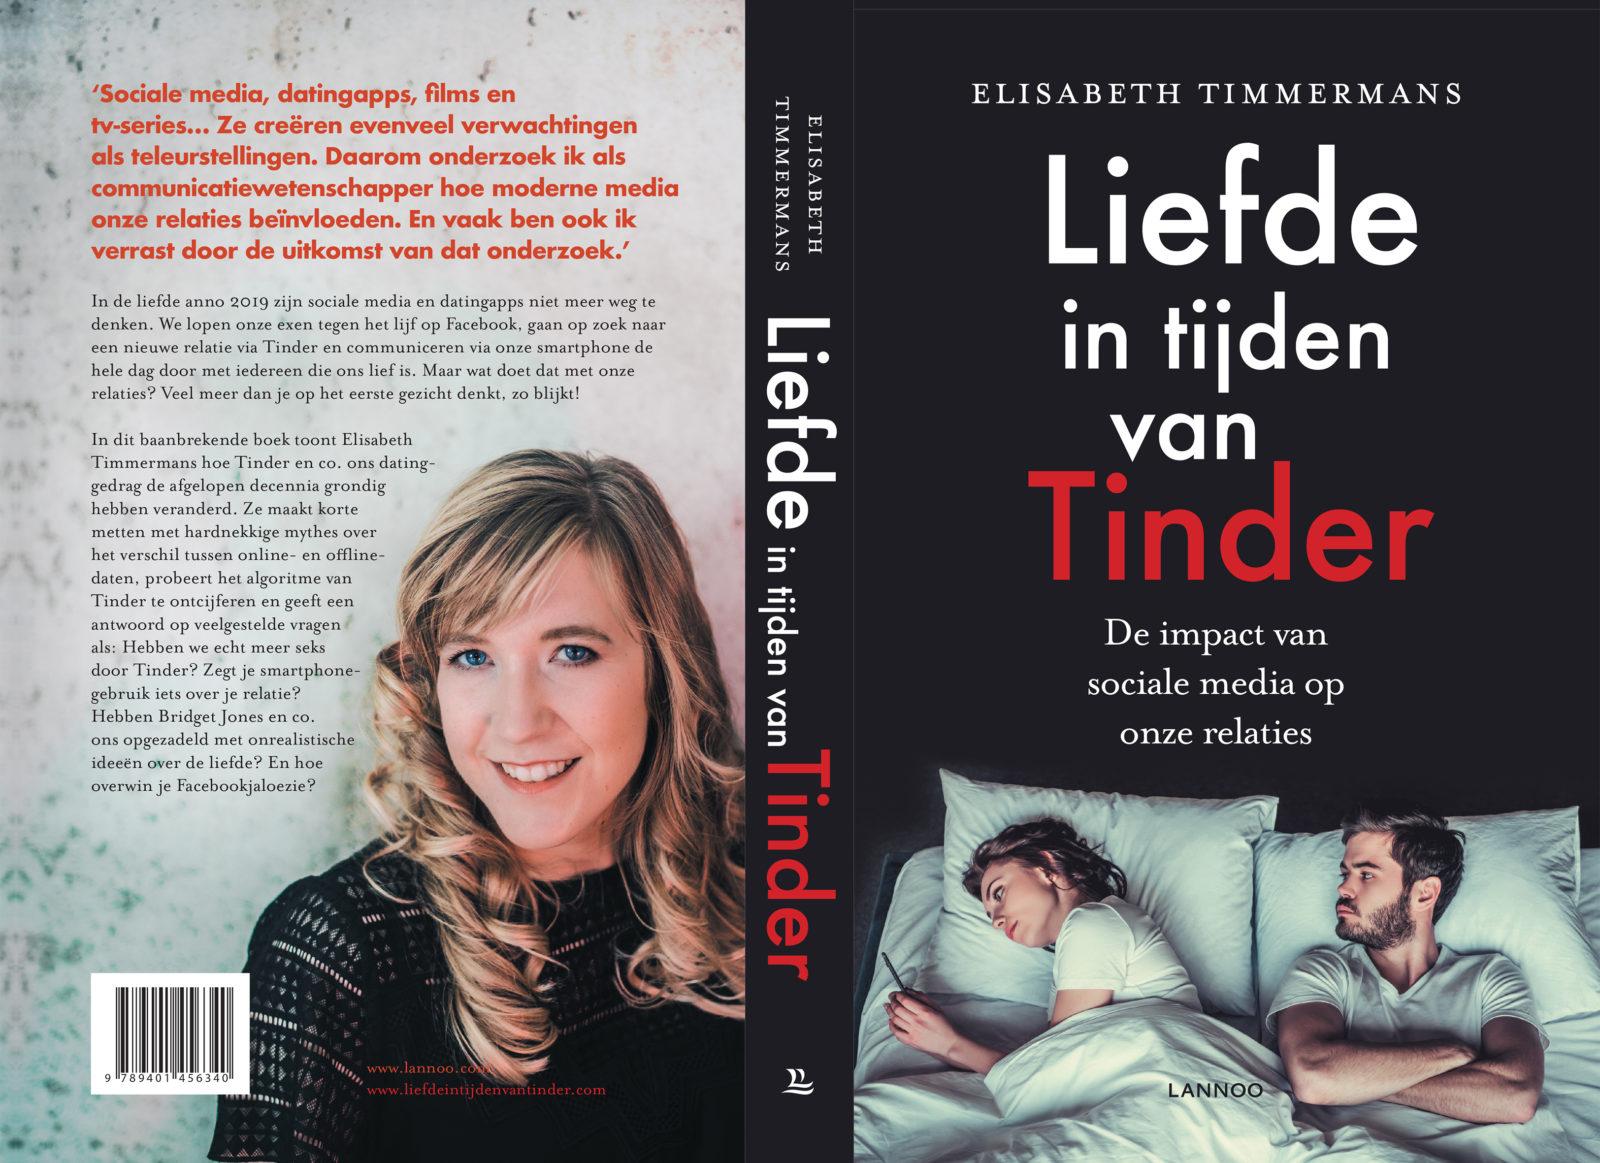 Liefde in tijden van Tinder - Elisabeth Timmermans